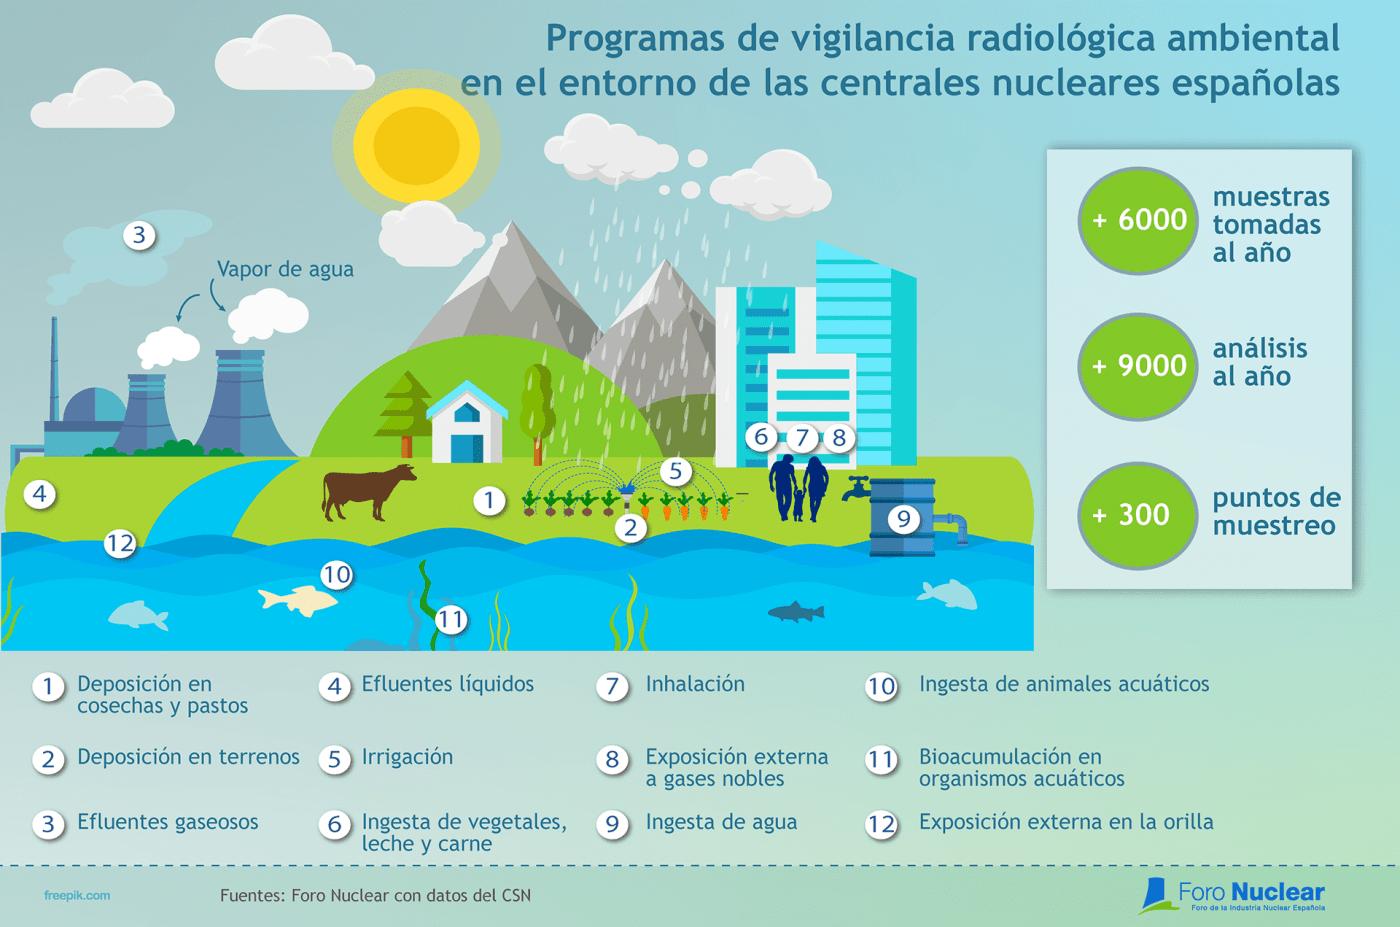 Programas de vigilancia radiológica ambiental en el entorno de las centrales nucleares españolas